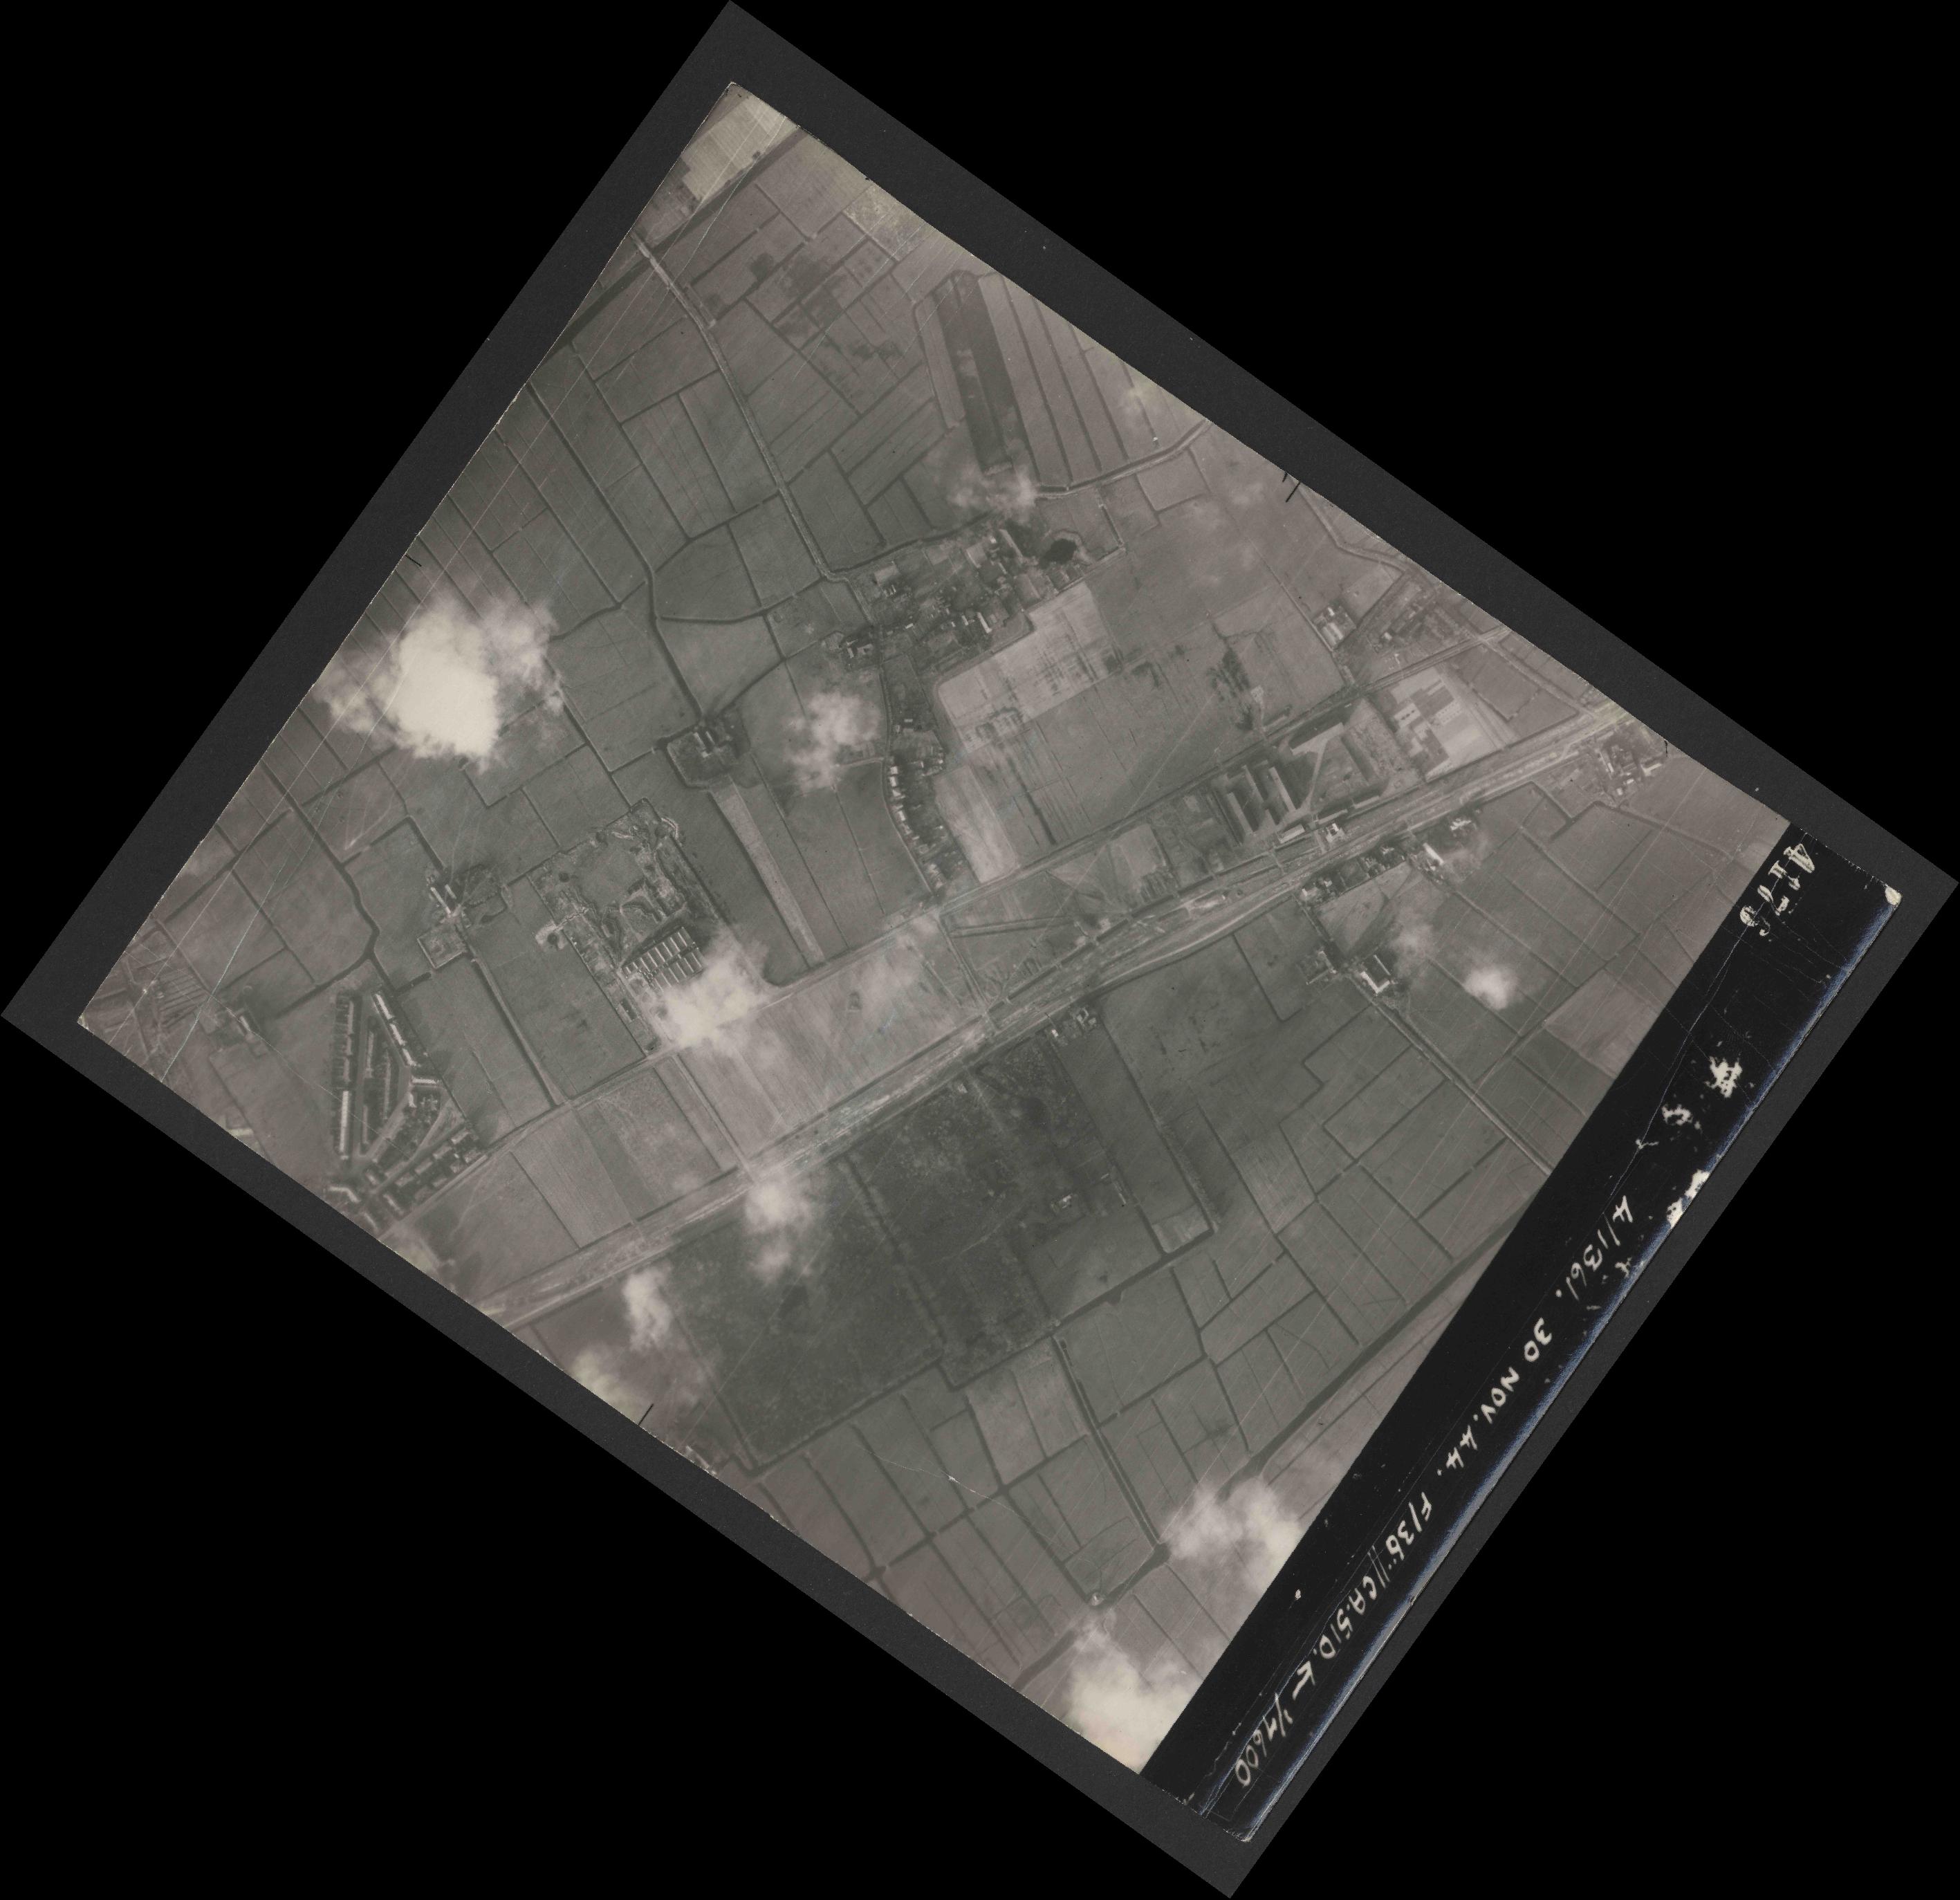 Collection RAF aerial photos 1940-1945 - flight 151, run 04, photo 4176